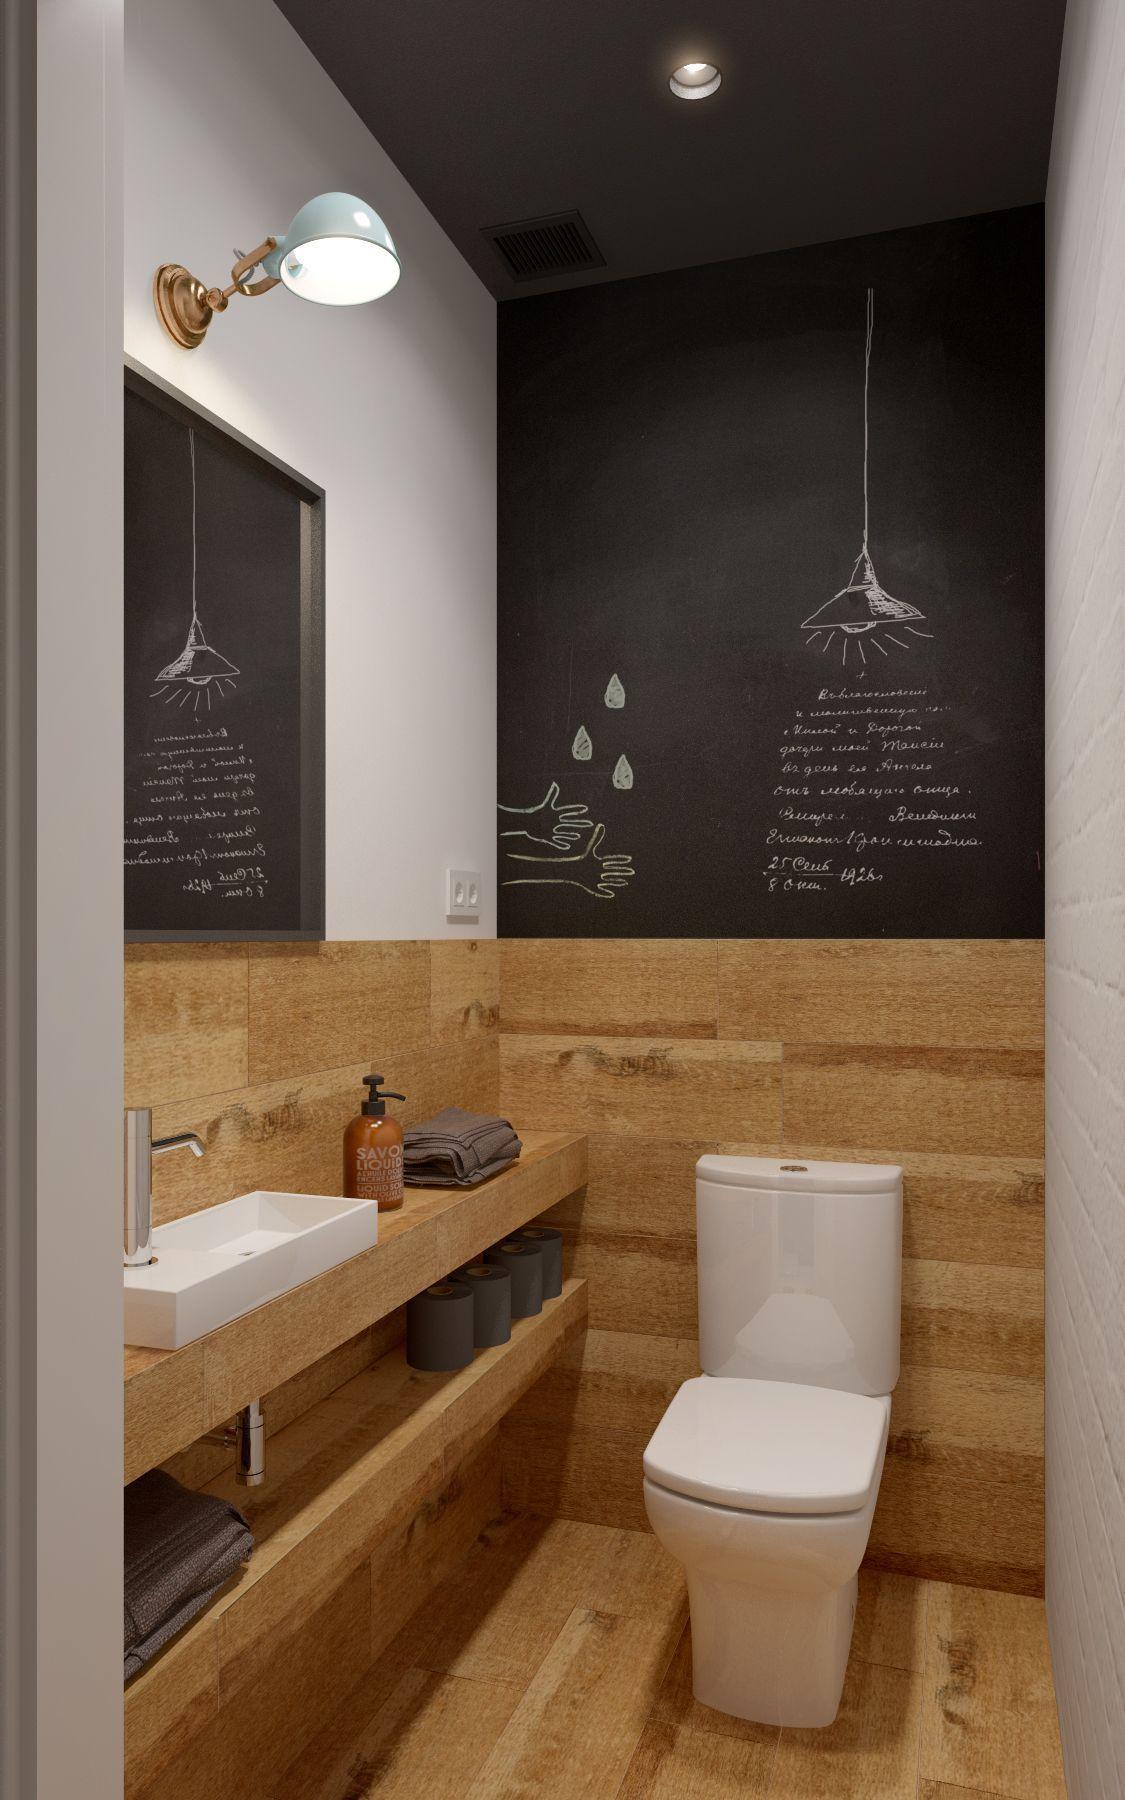 d co toilettes originales projet salle de bain casa de banho decoracao casa de banho et lavabo. Black Bedroom Furniture Sets. Home Design Ideas